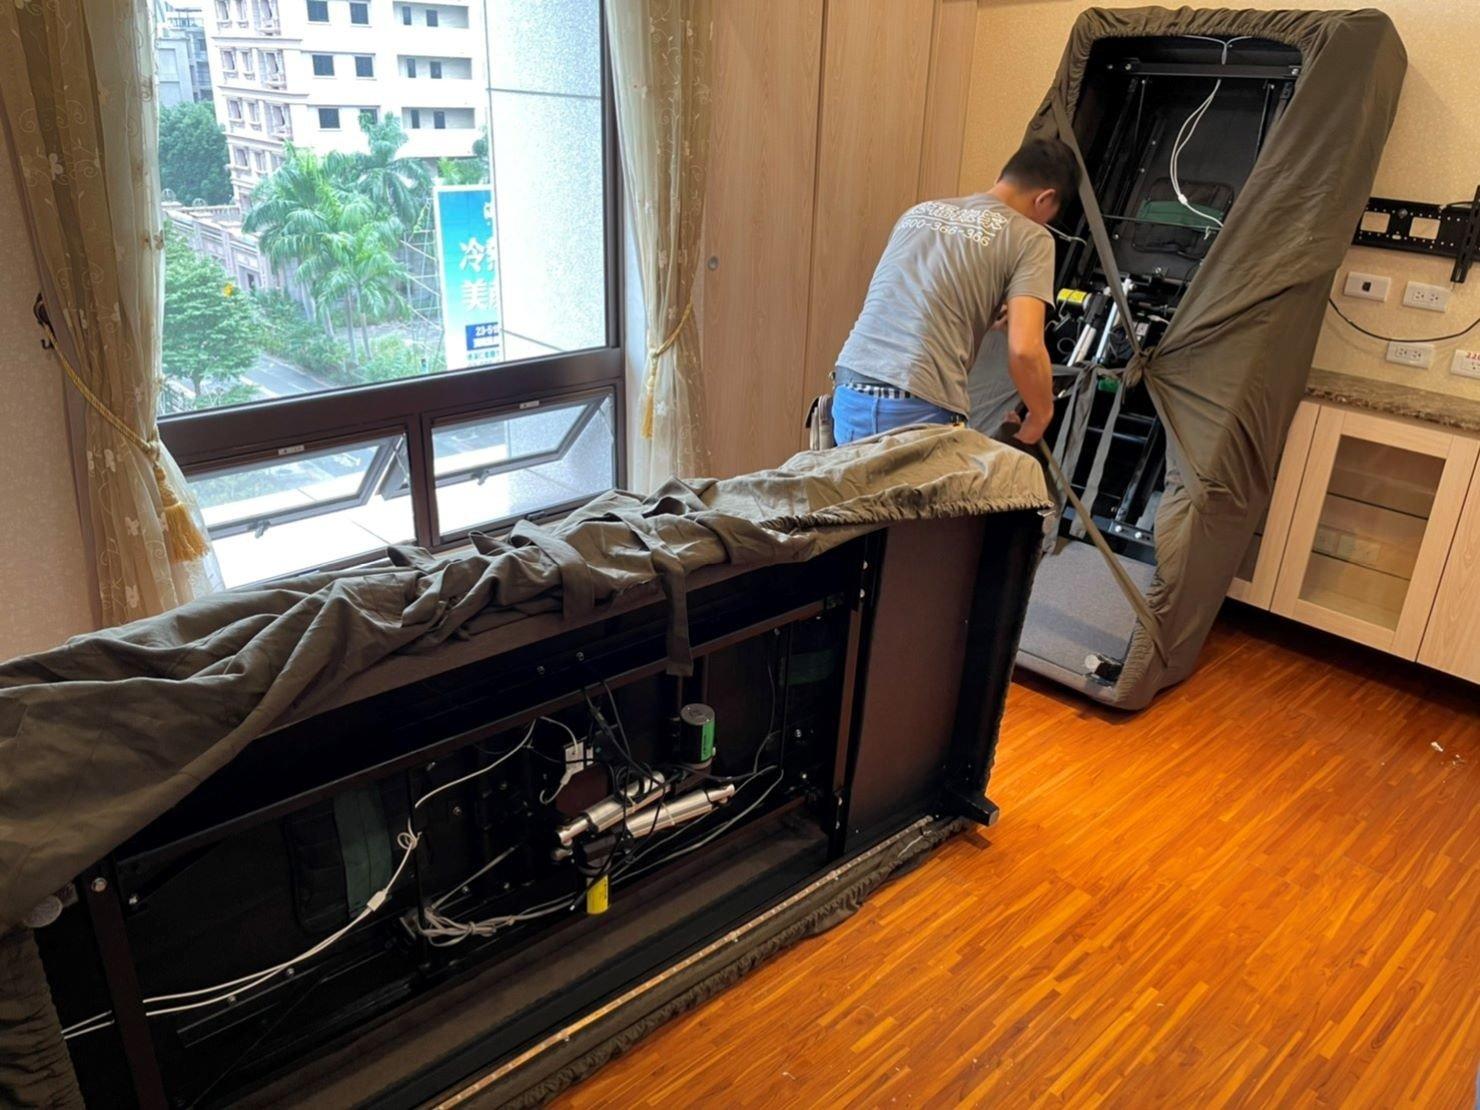 台北搬家公司推薦【榮福搬家】優質搬家,包裝搬運「細膩包裝、專業搬運、用心服務、以客為尊」值得您來選擇:【重物搬運】將電動醫療床以榮福搬家床墊專用保護布套完整包覆後,再將布套的綁帶牢牢綁緊,避免搬運過程中布套滑落。